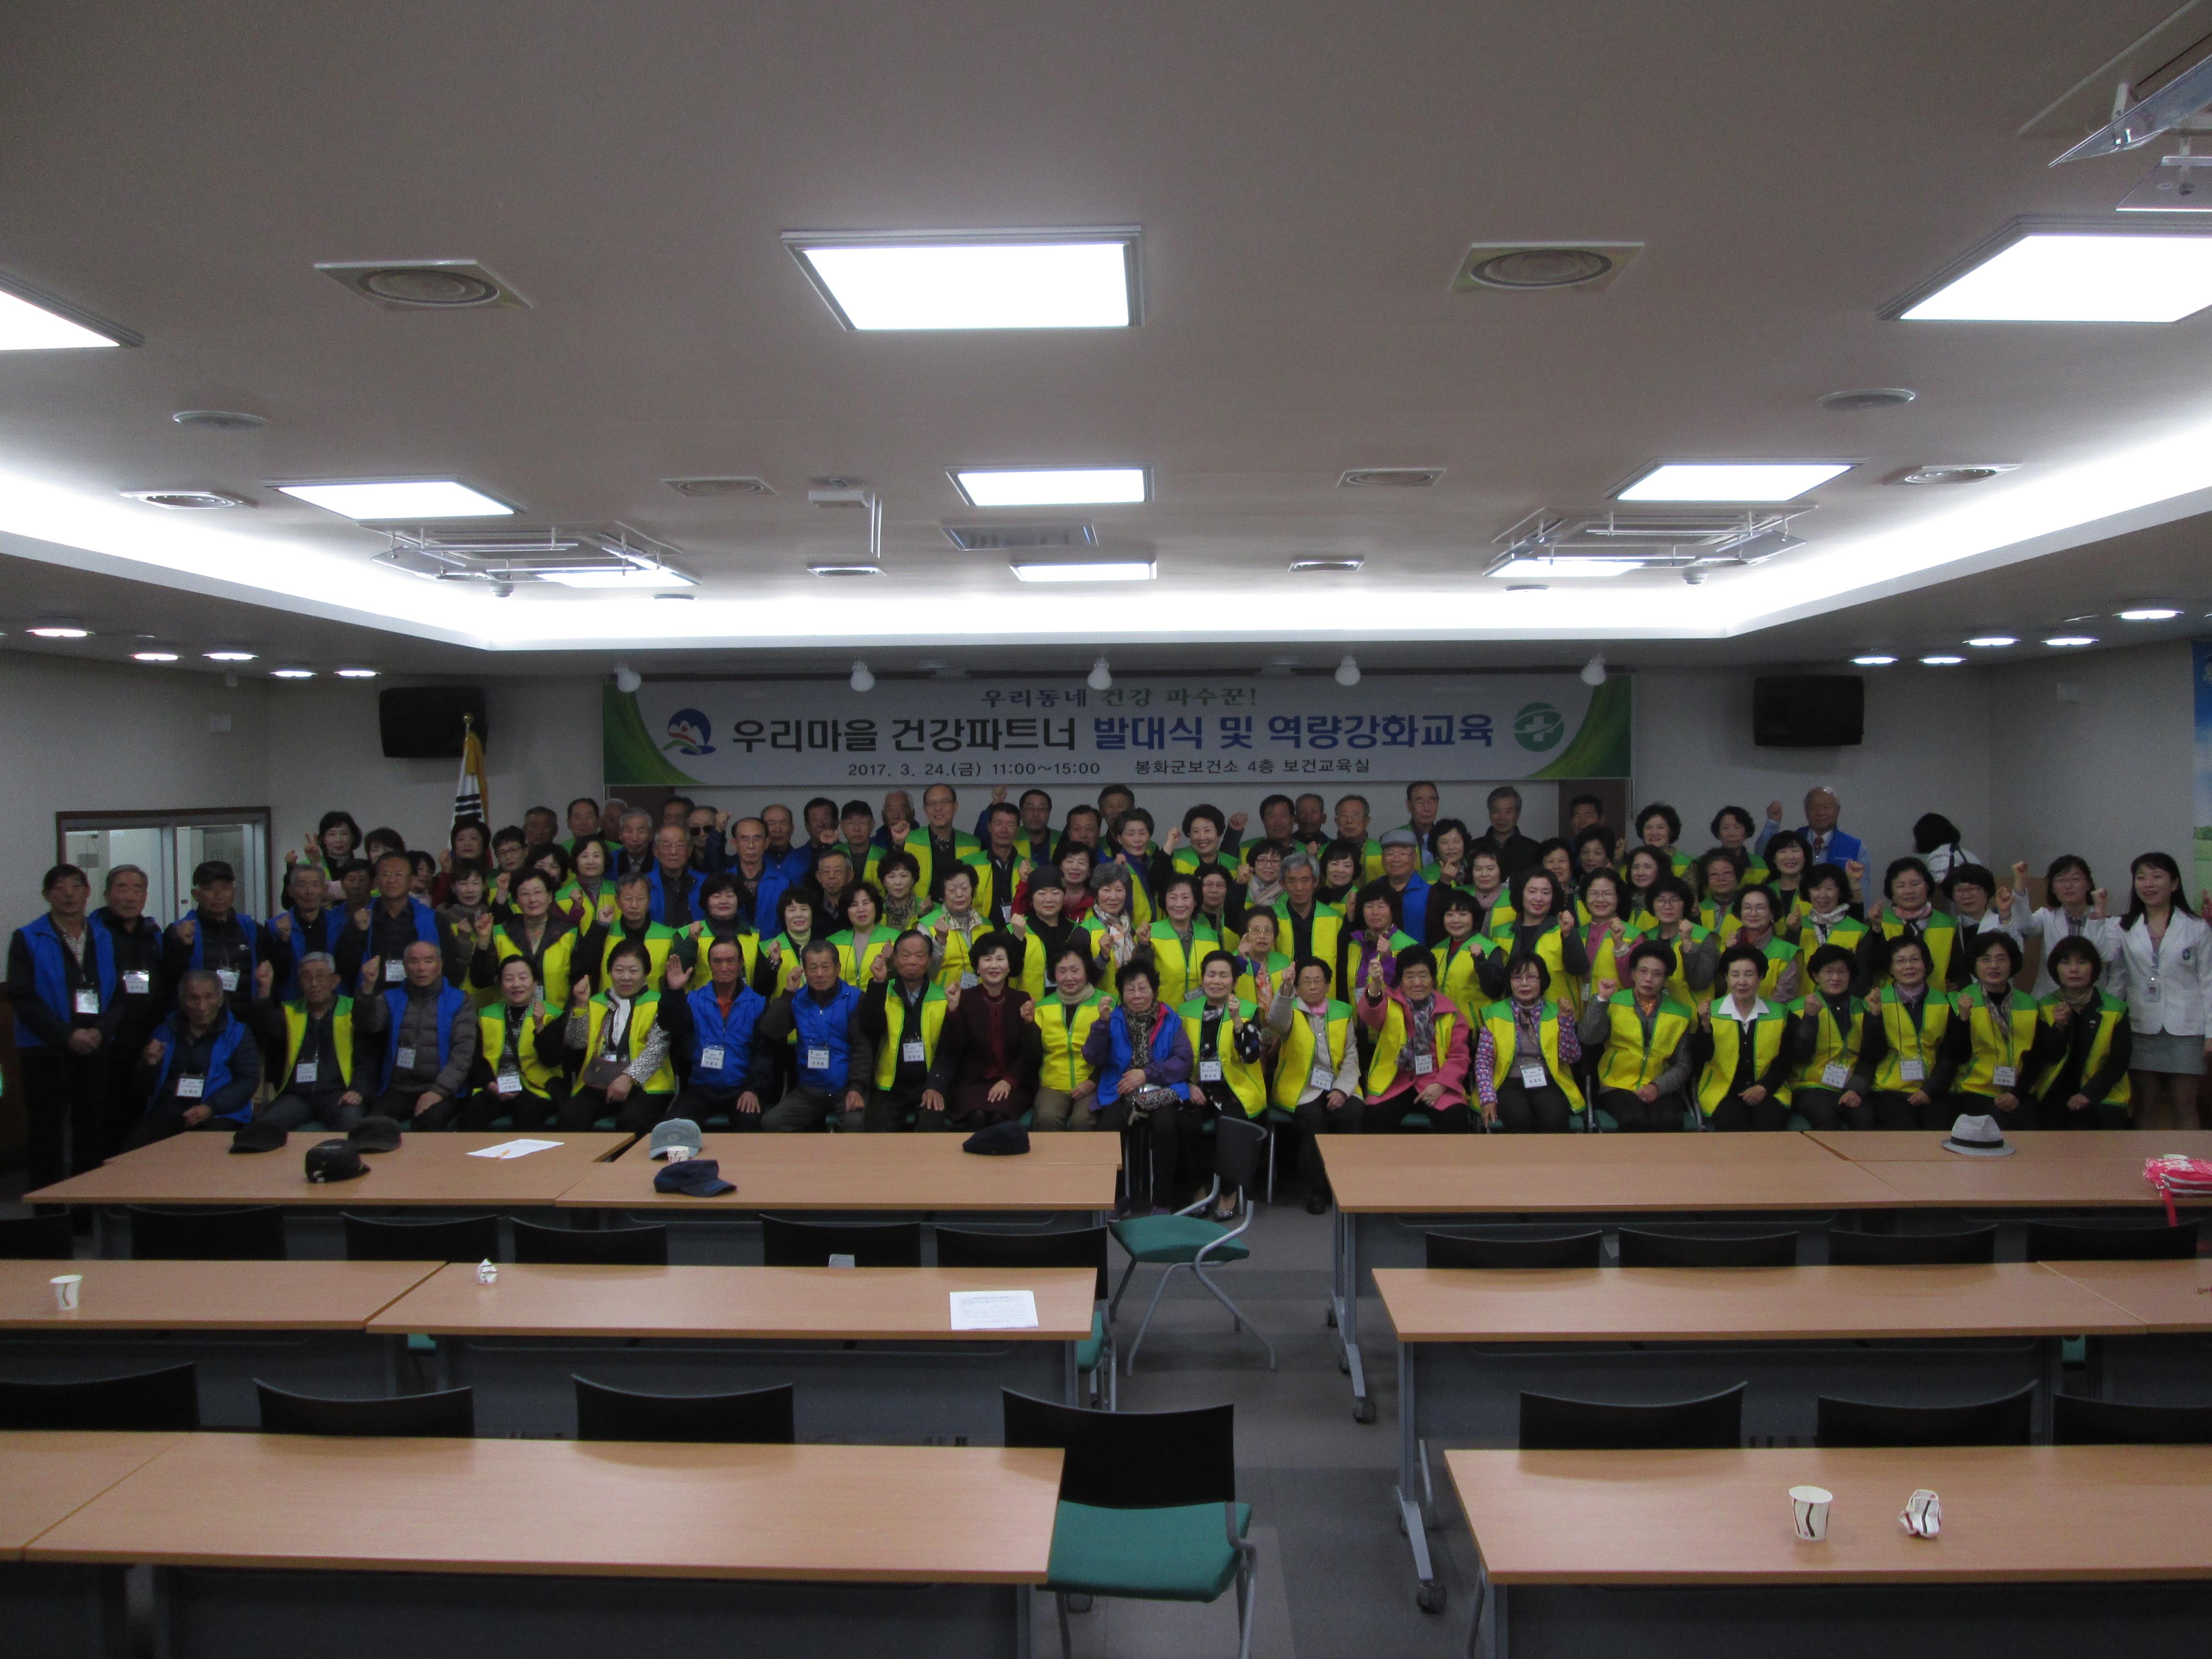 봉화군 우리마을 건강파트너 발대식 및 역량강화 교육